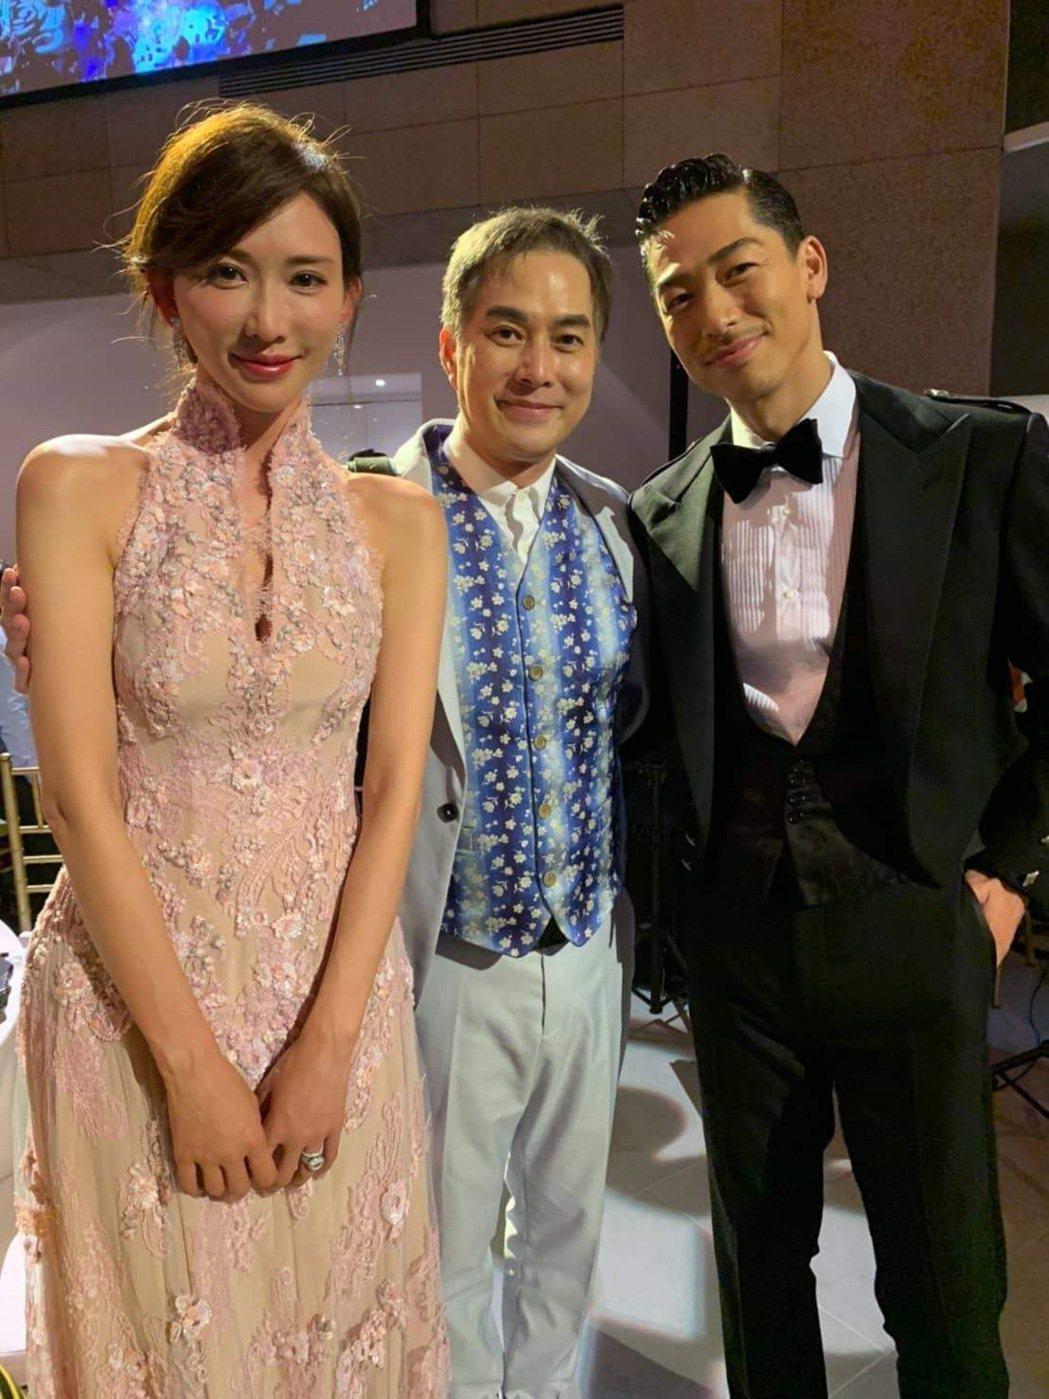 林健寰(中)是引林志玲入行的恩人,過去也是大明星。 圖/林健寰提供